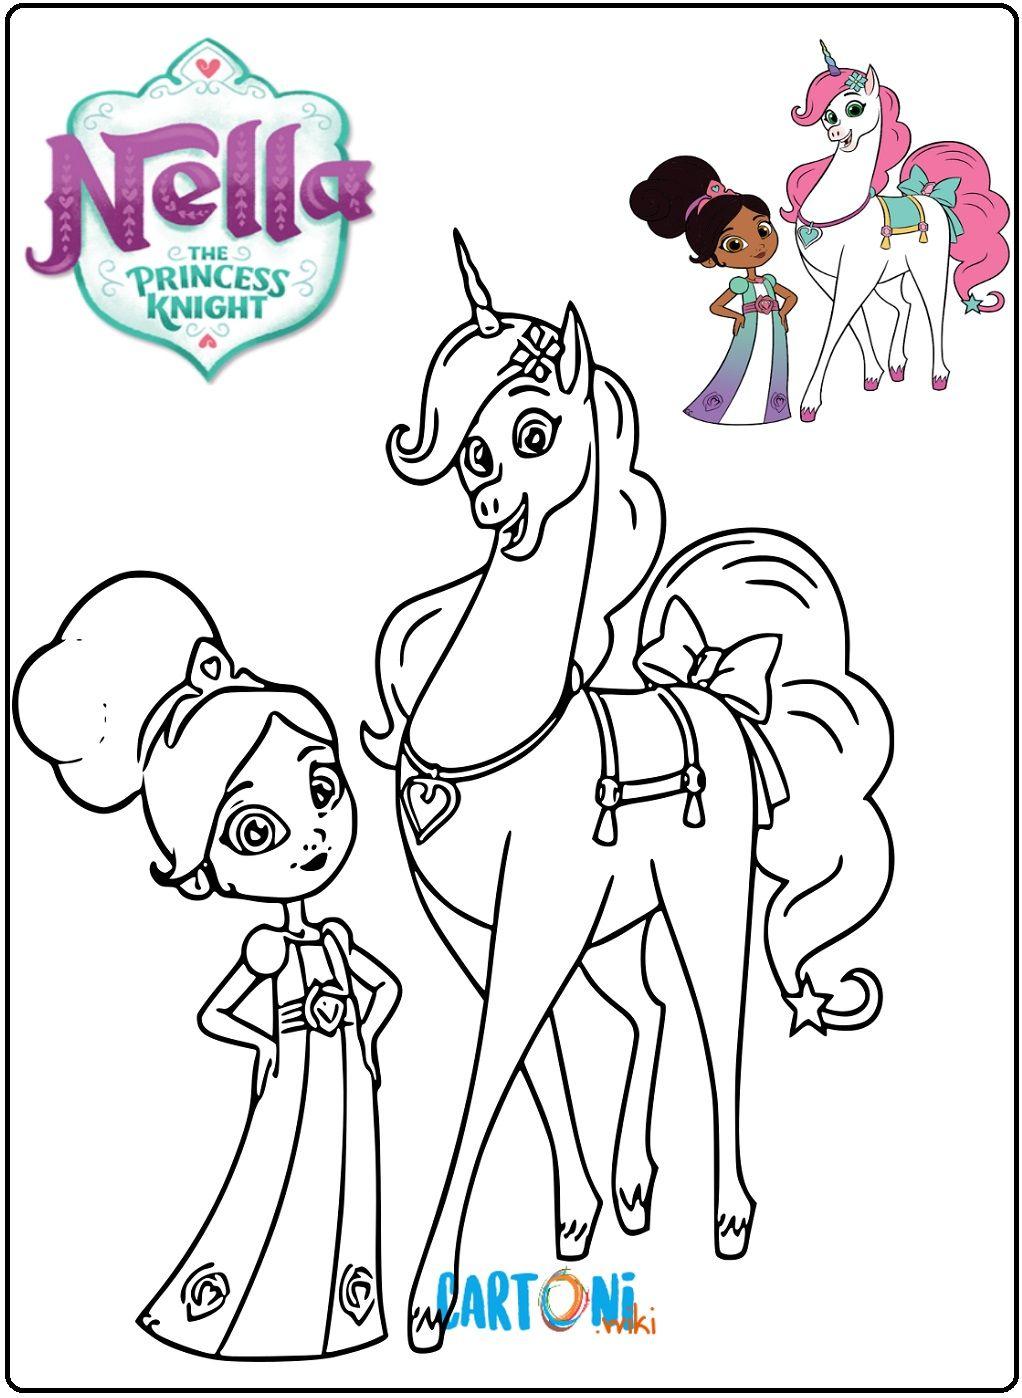 Colora Nella La Principessa Coraggiosa Insieme Al Suo Cavallo E